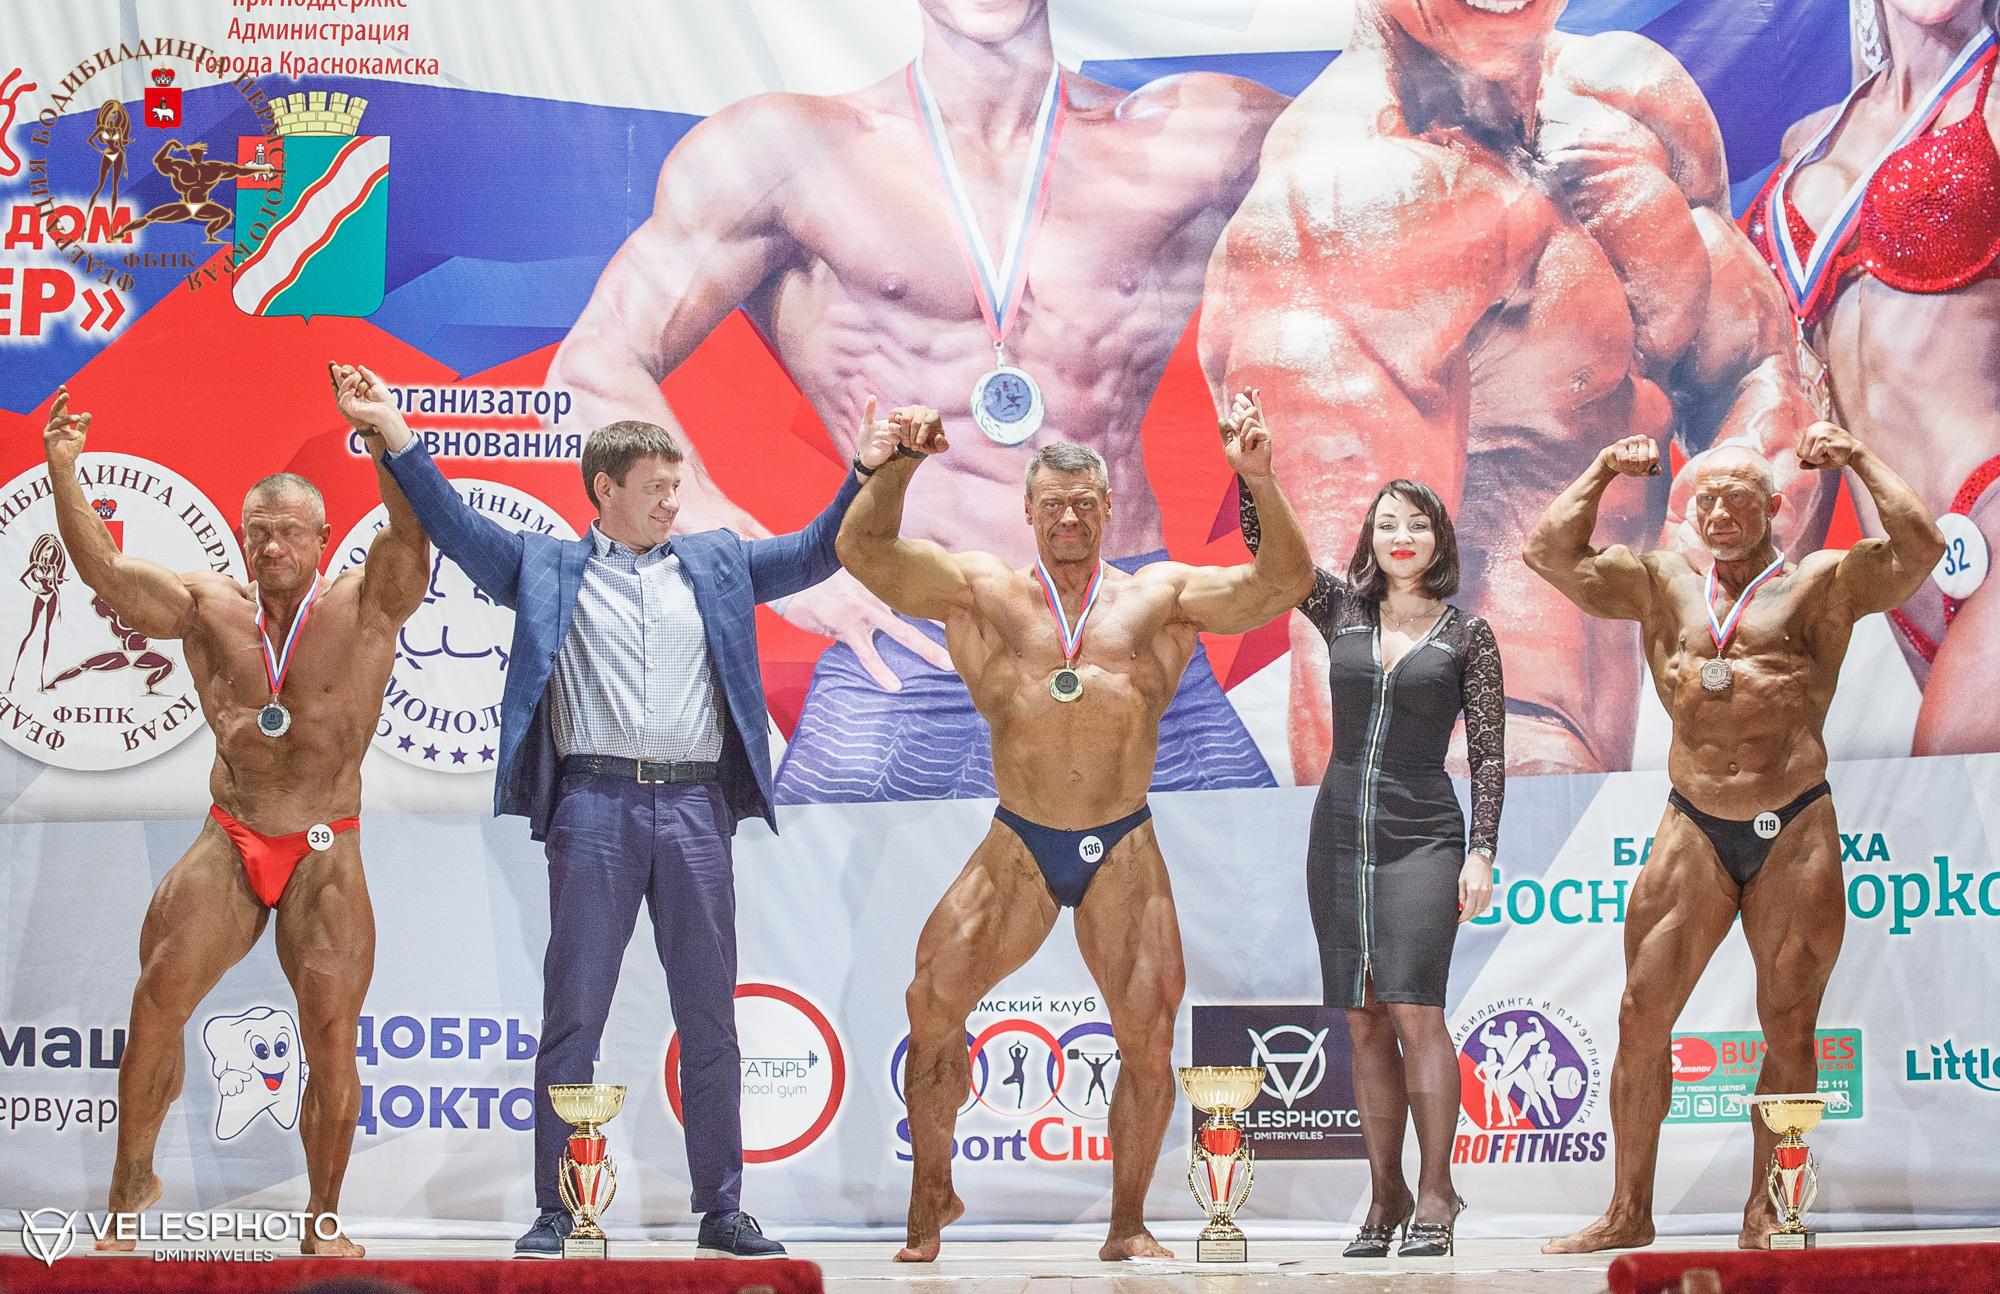 Чемпионат Пермского края по бодибилдингу - 2019